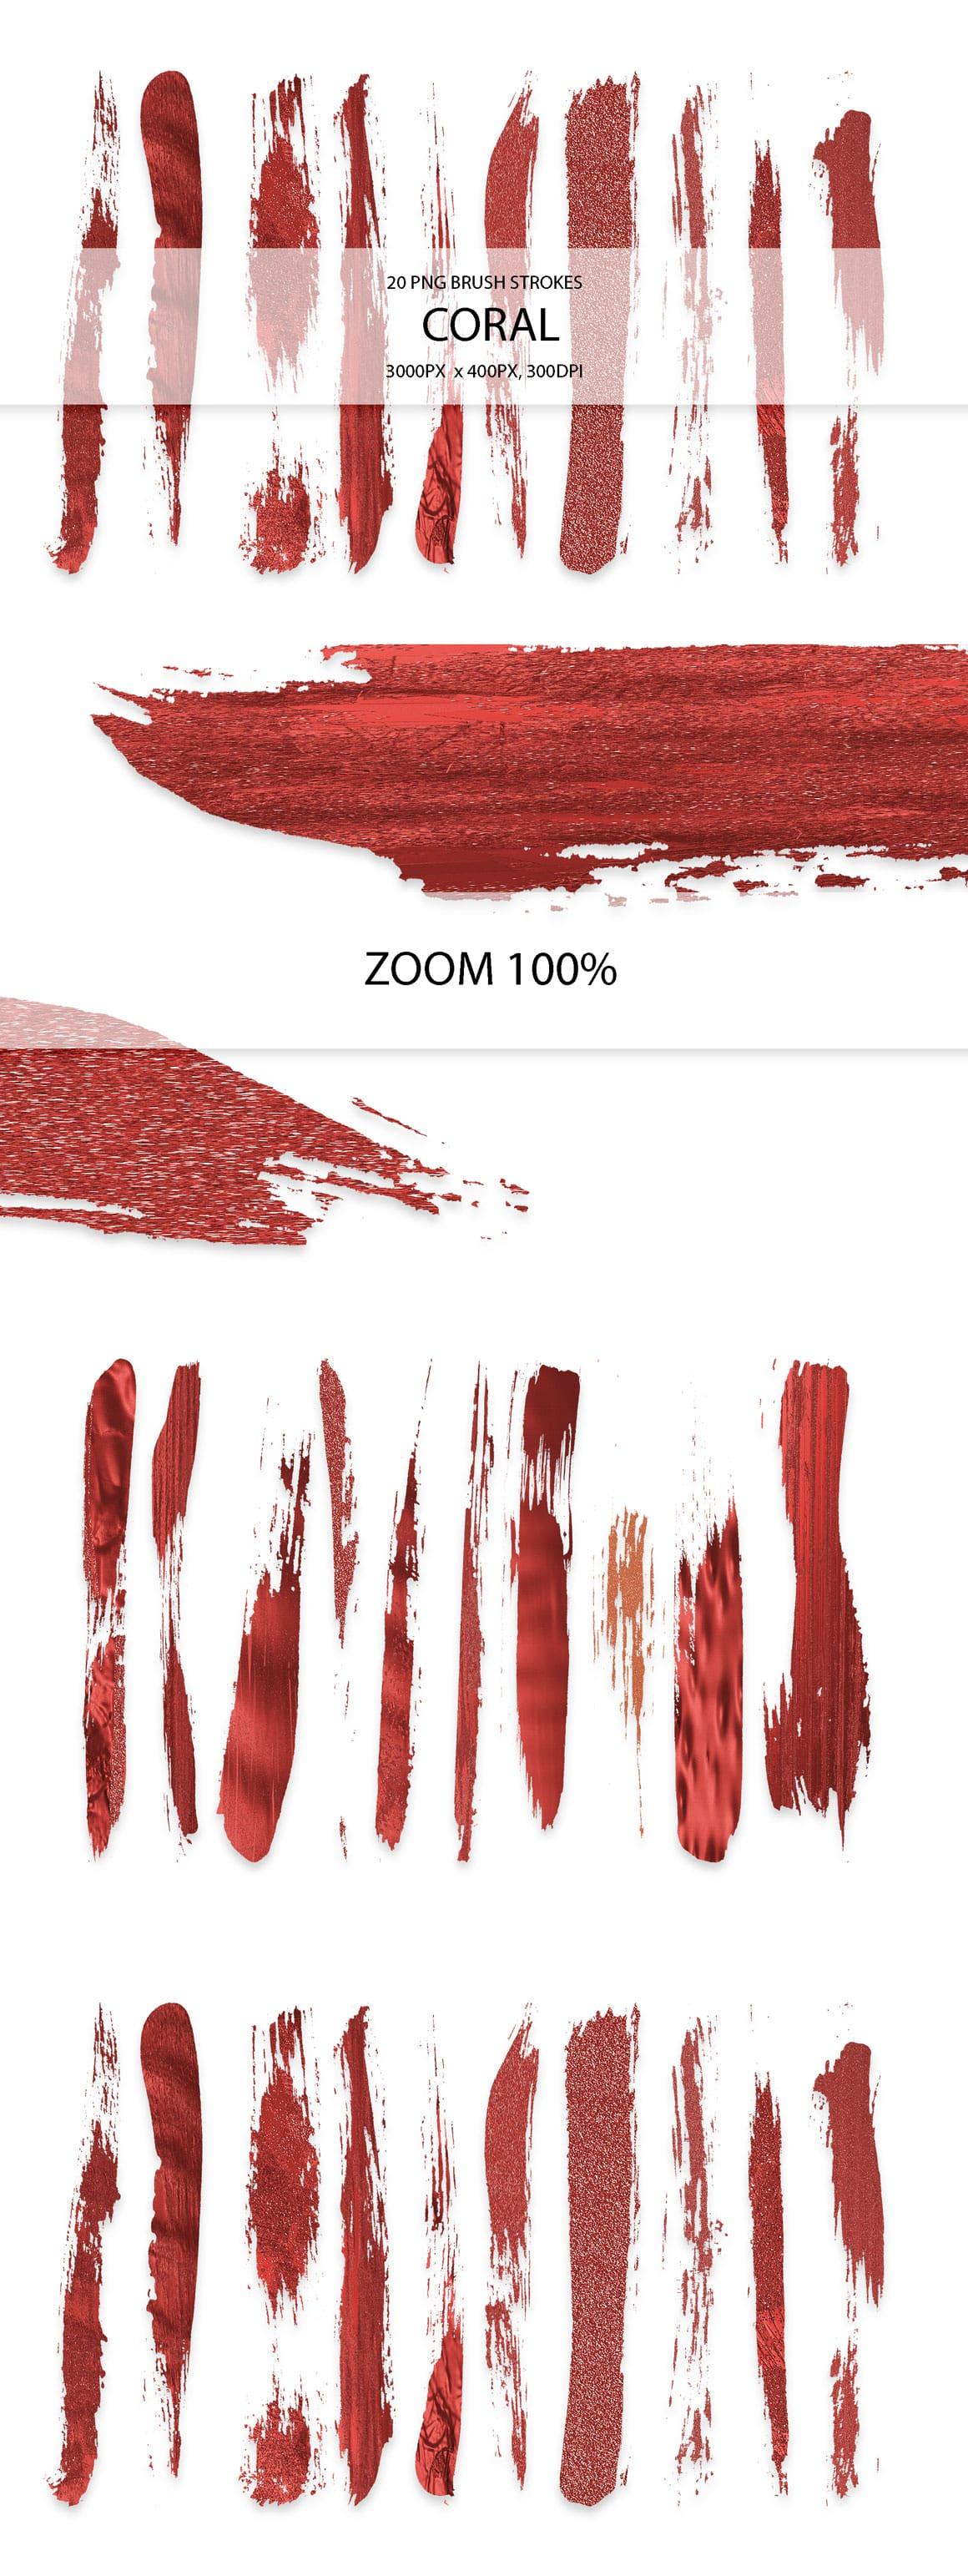 829 Acrylic Brush Strokes and Digital Brush Strokes - $9 - CoralStrokes 01 min